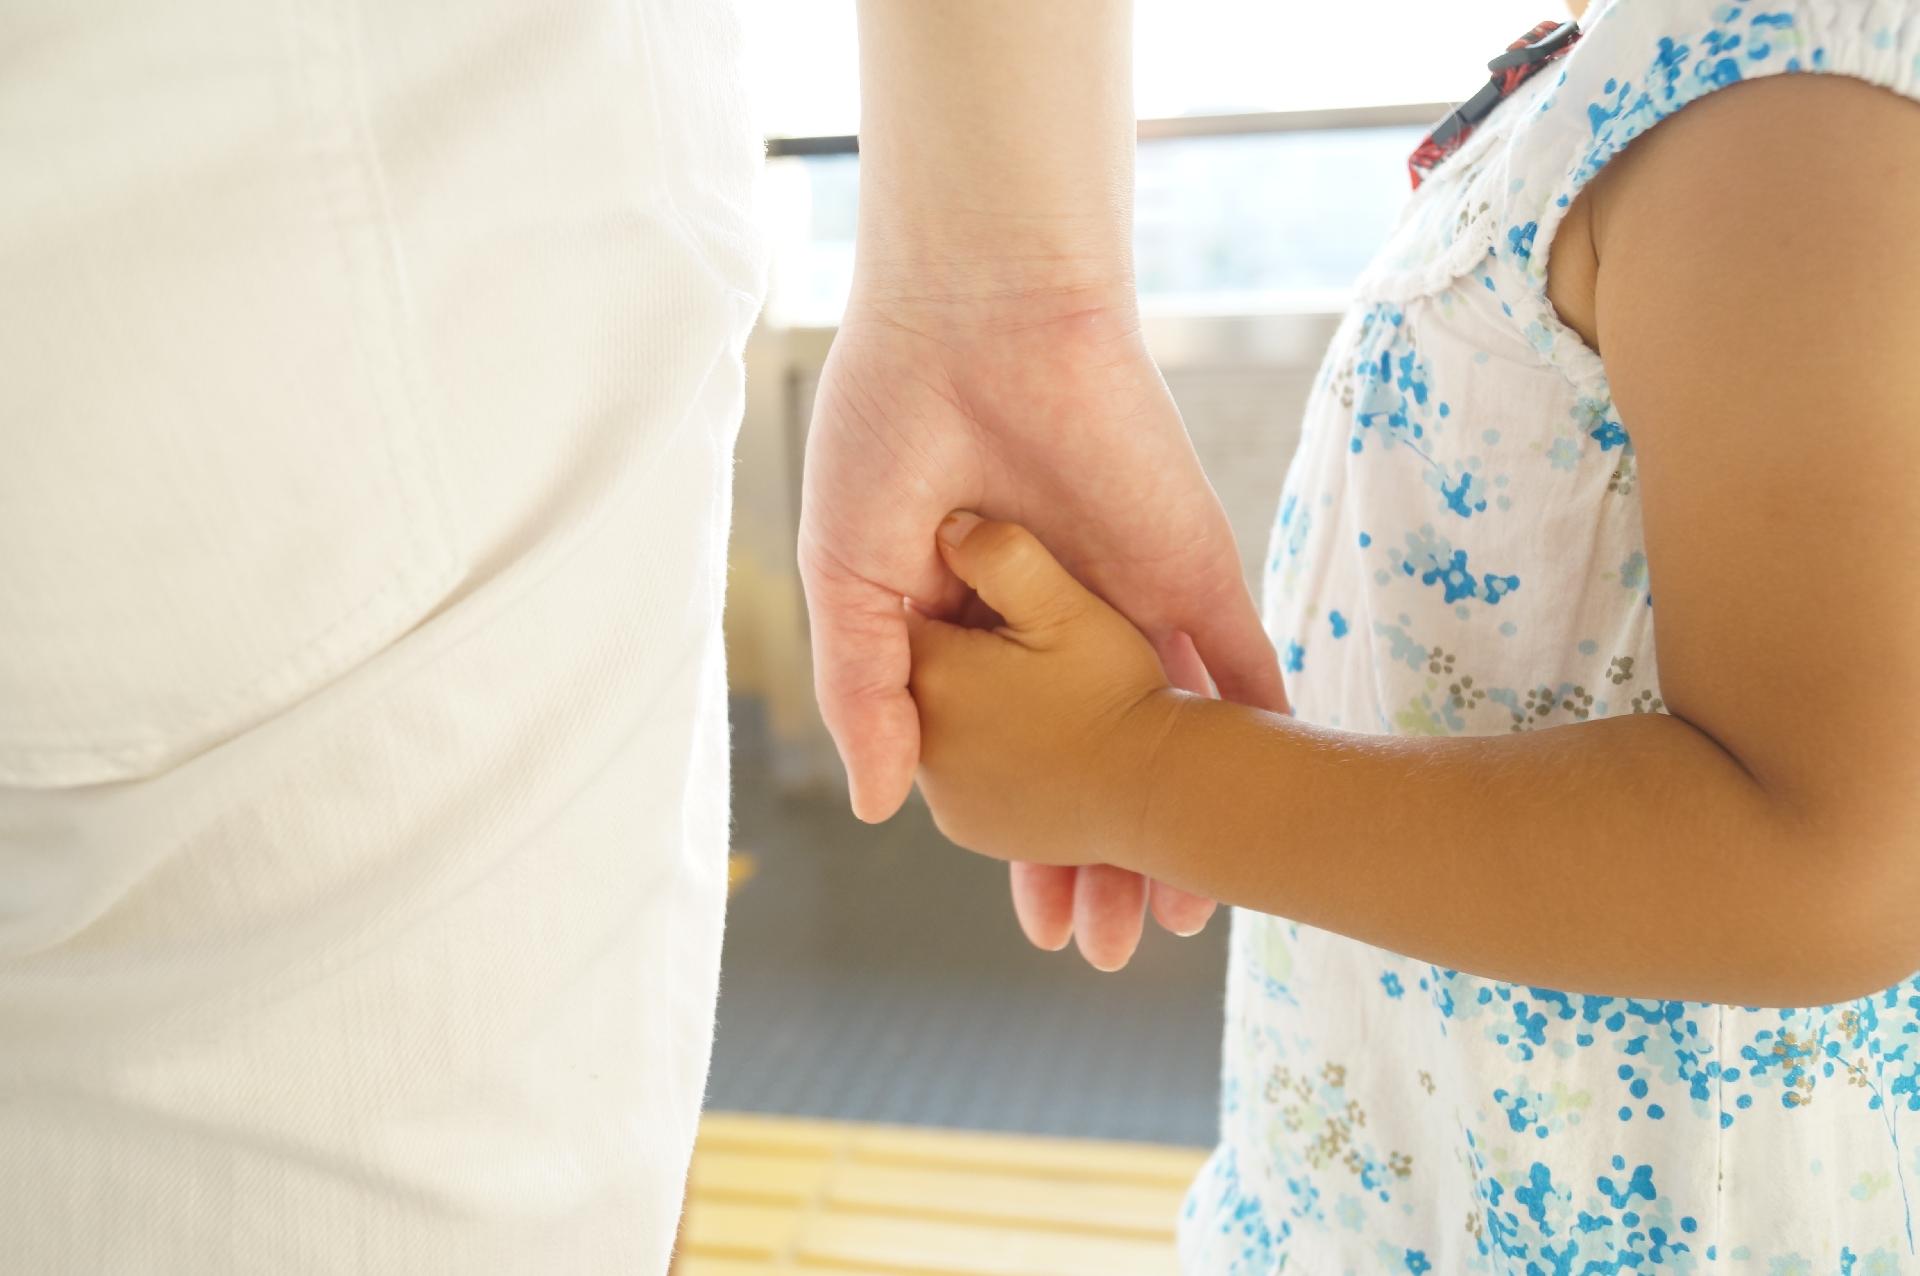 過干渉・過保護な親にならないために大切にすべきこと-子どもの自立のために「見張る」ではなく「見守る」